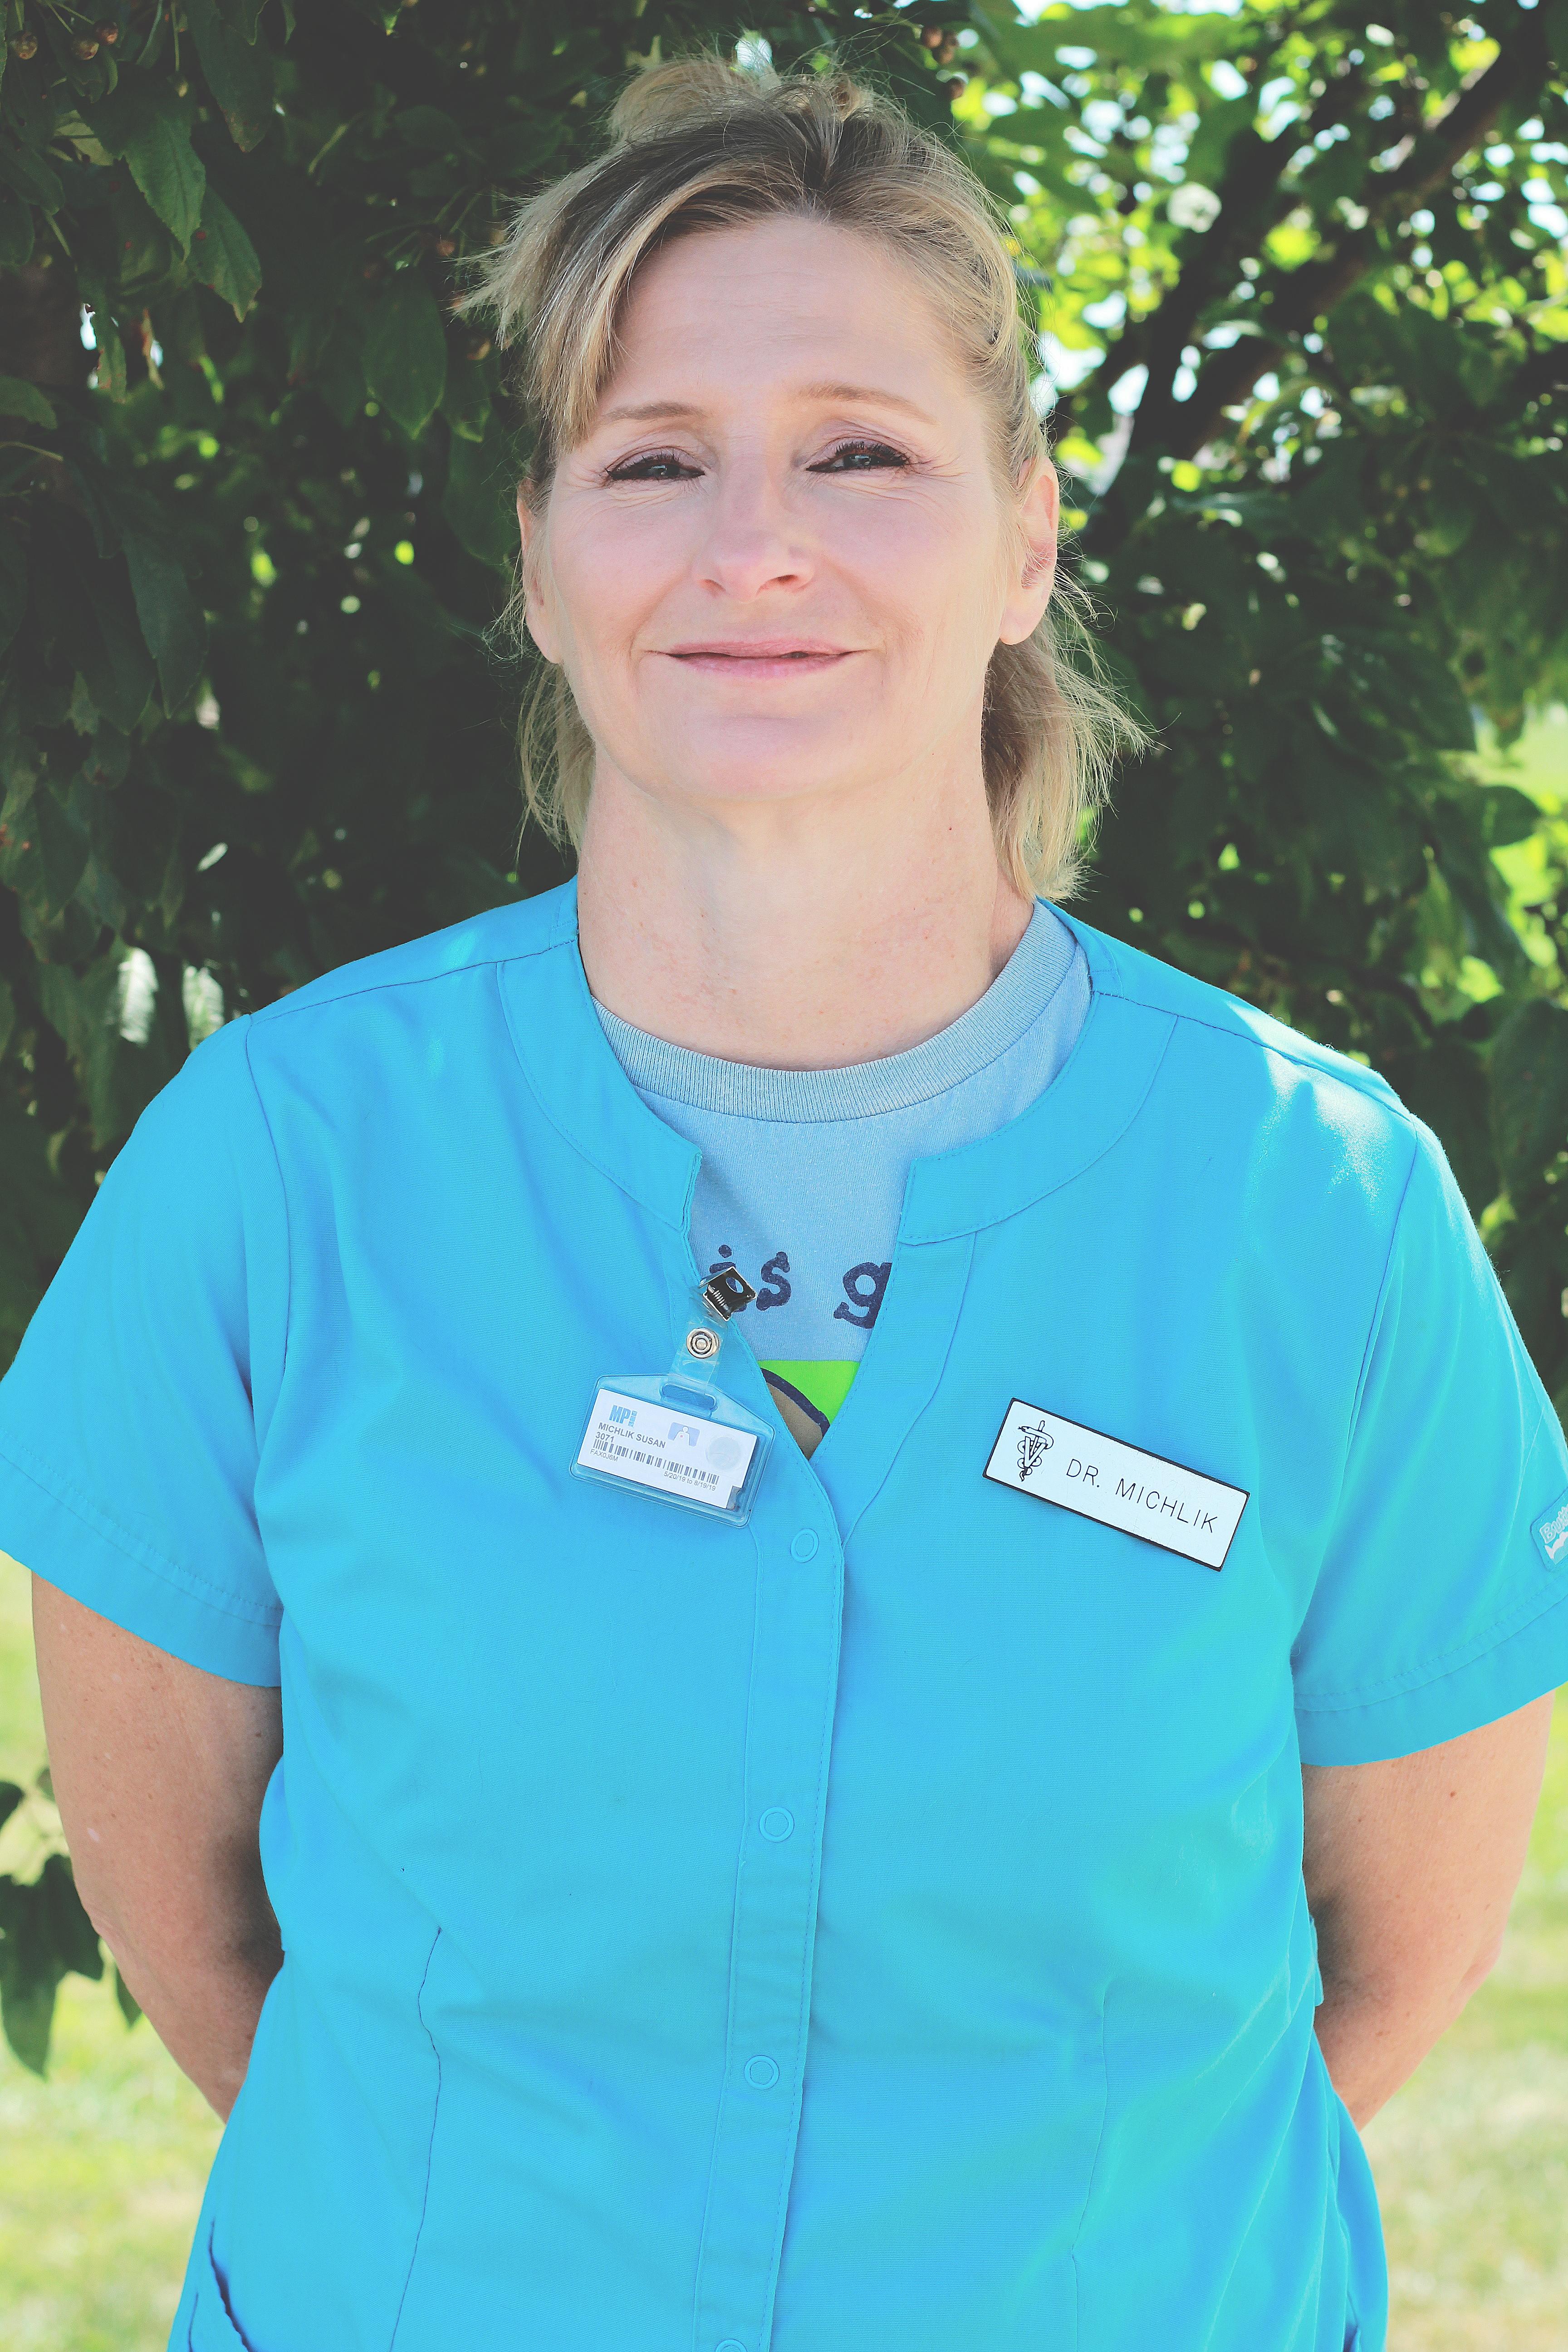 Dr. Sue Michlik